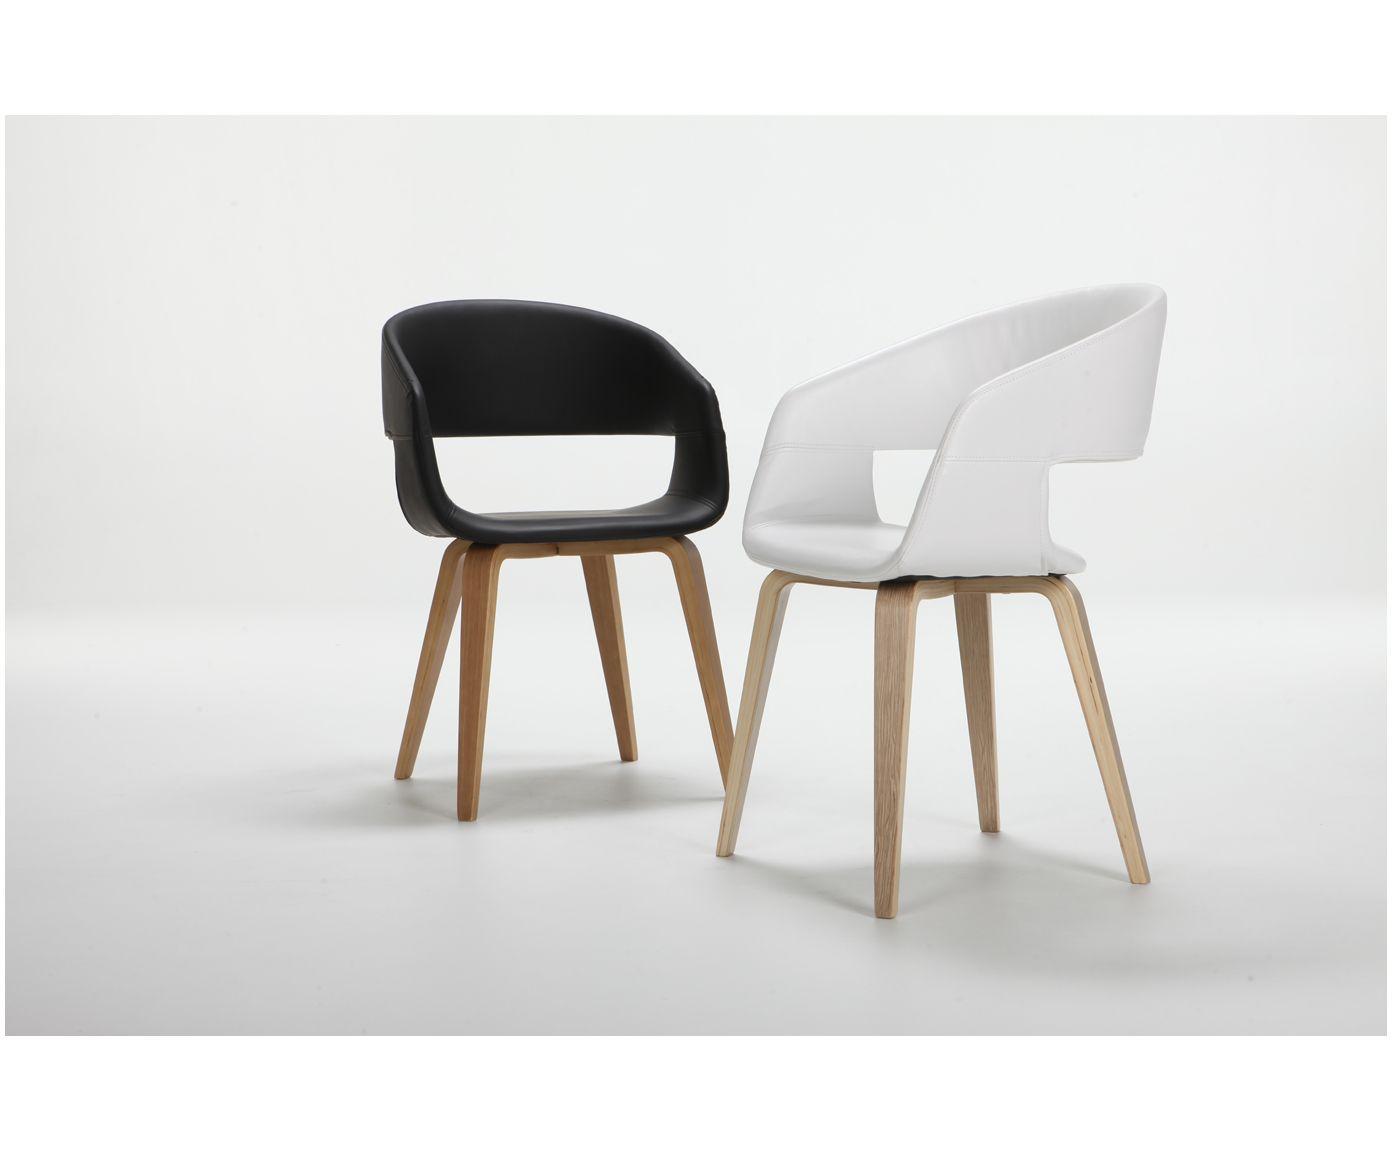 Armlehnstuhl Esszimmer mit armlehnstuhl in weiß kunstleder steht dem perfekten dinner